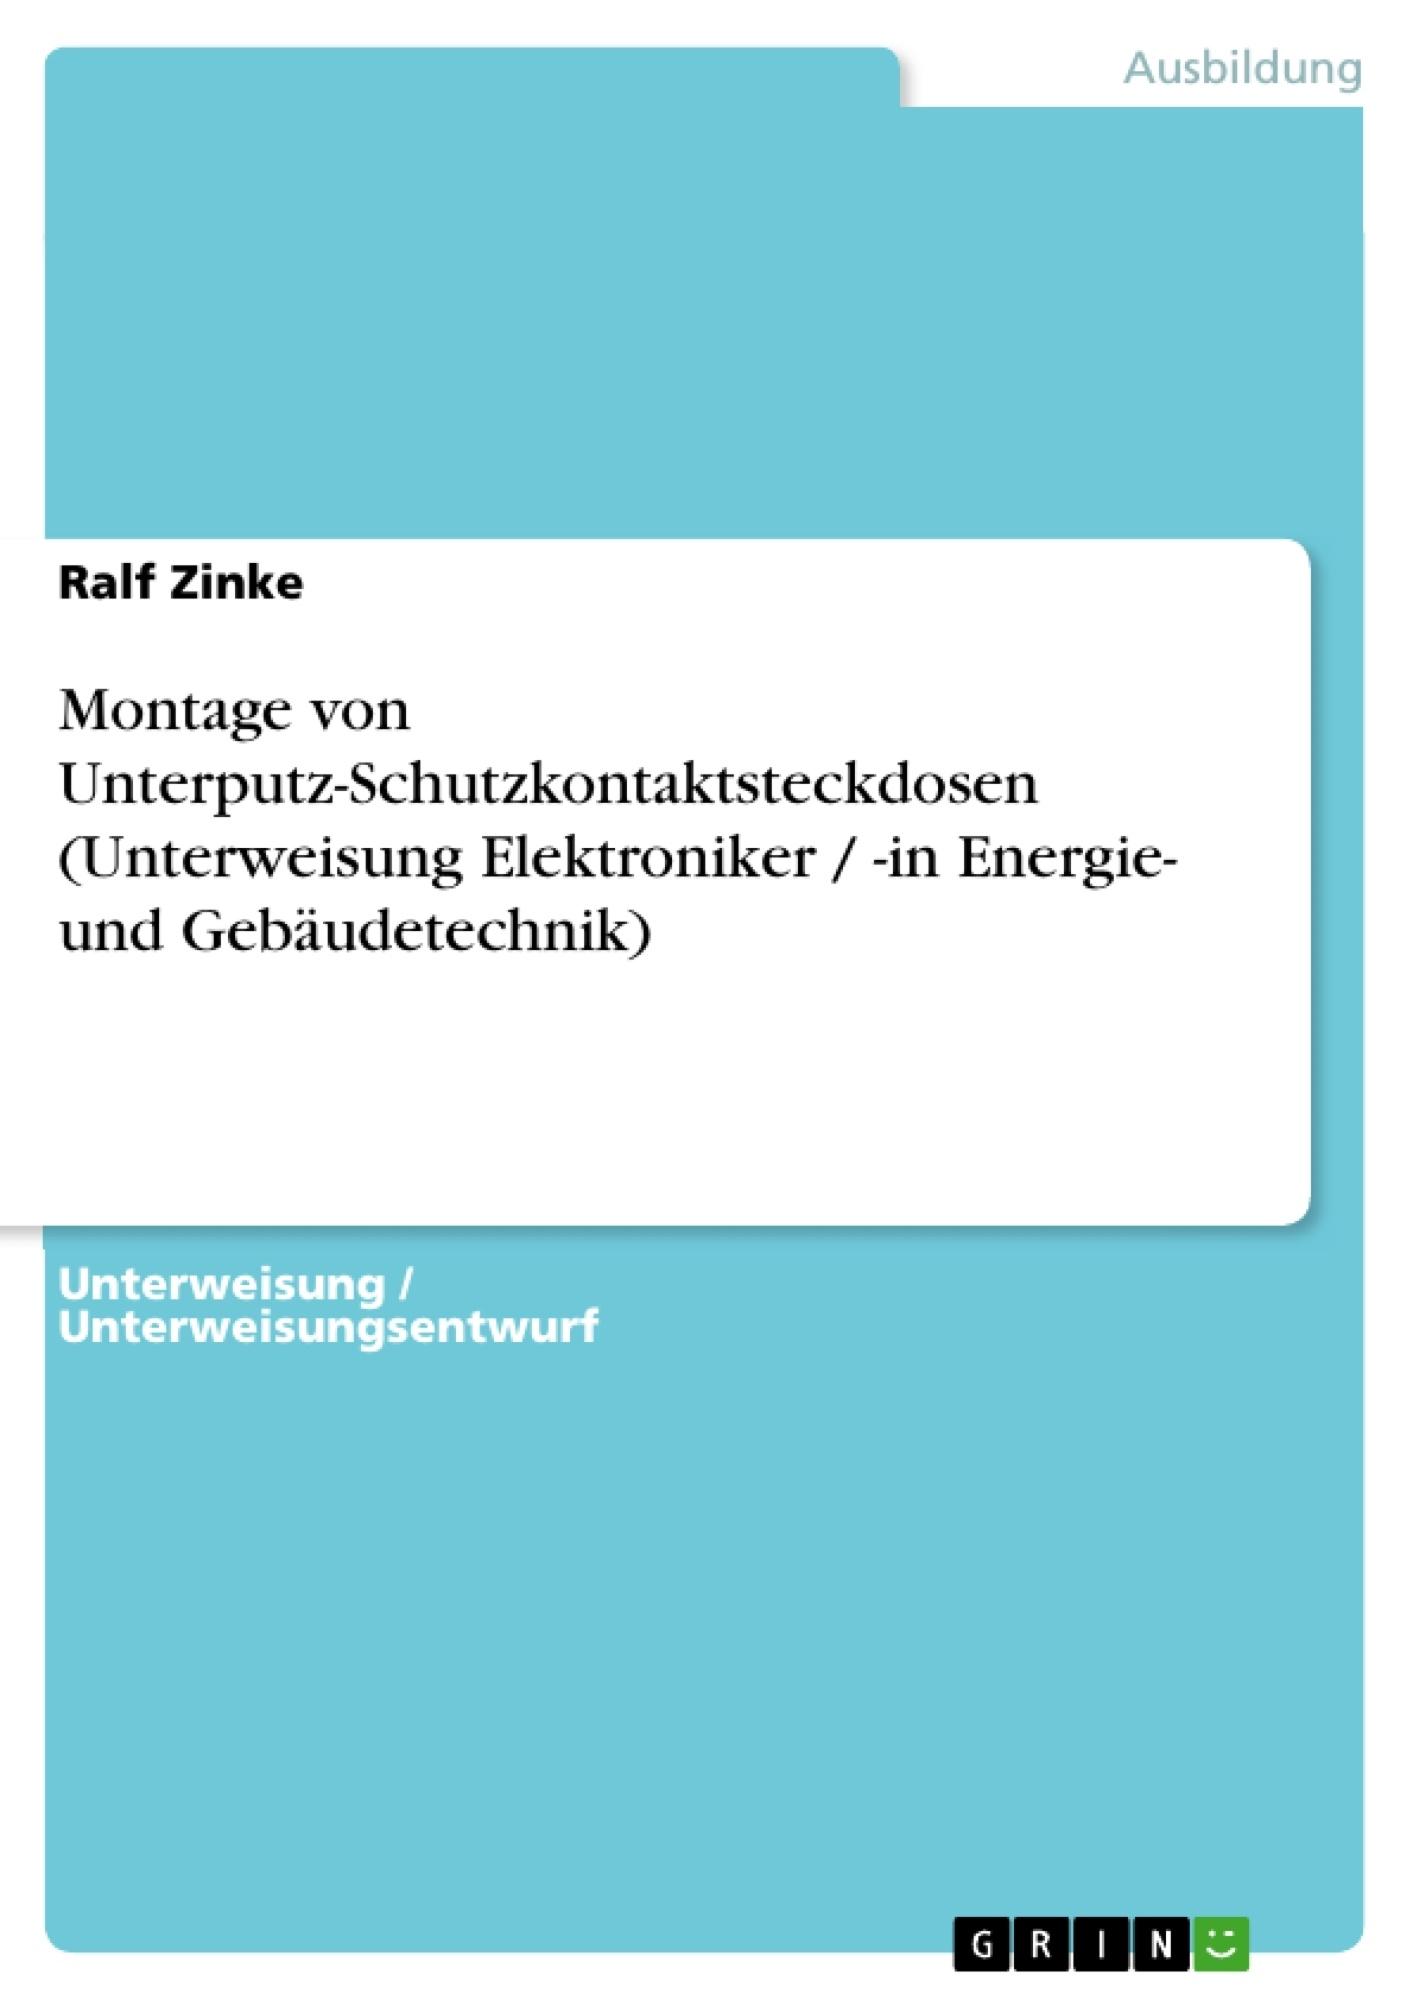 Titel: Montage von Unterputz-Schutzkontaktsteckdosen (Unterweisung Elektroniker / -in Energie- und Gebäudetechnik)